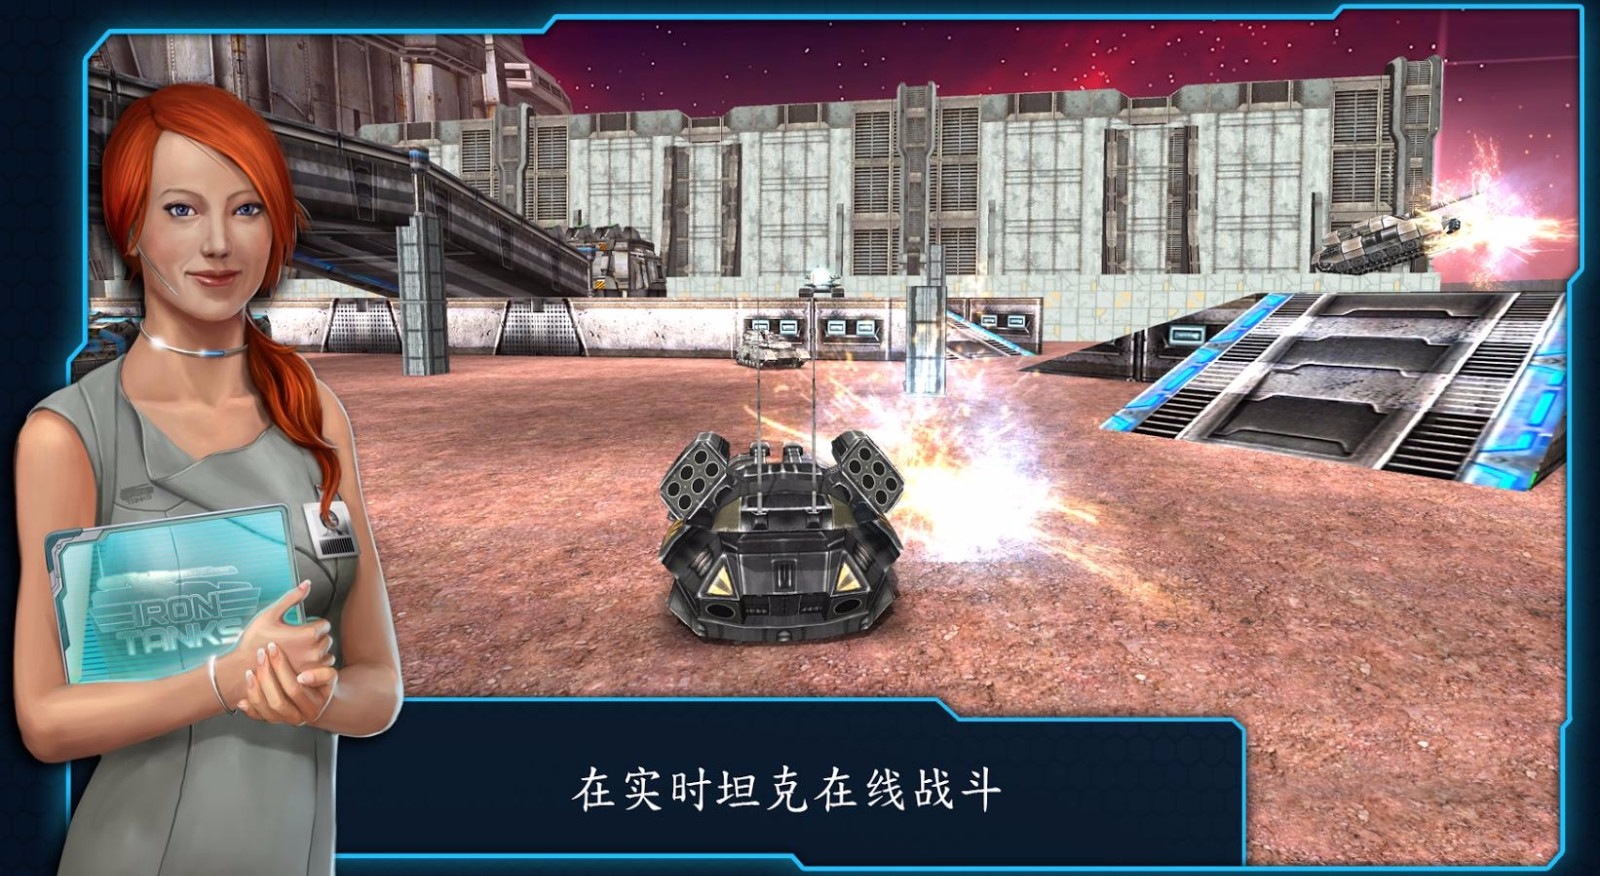 铁骑坦克(1)